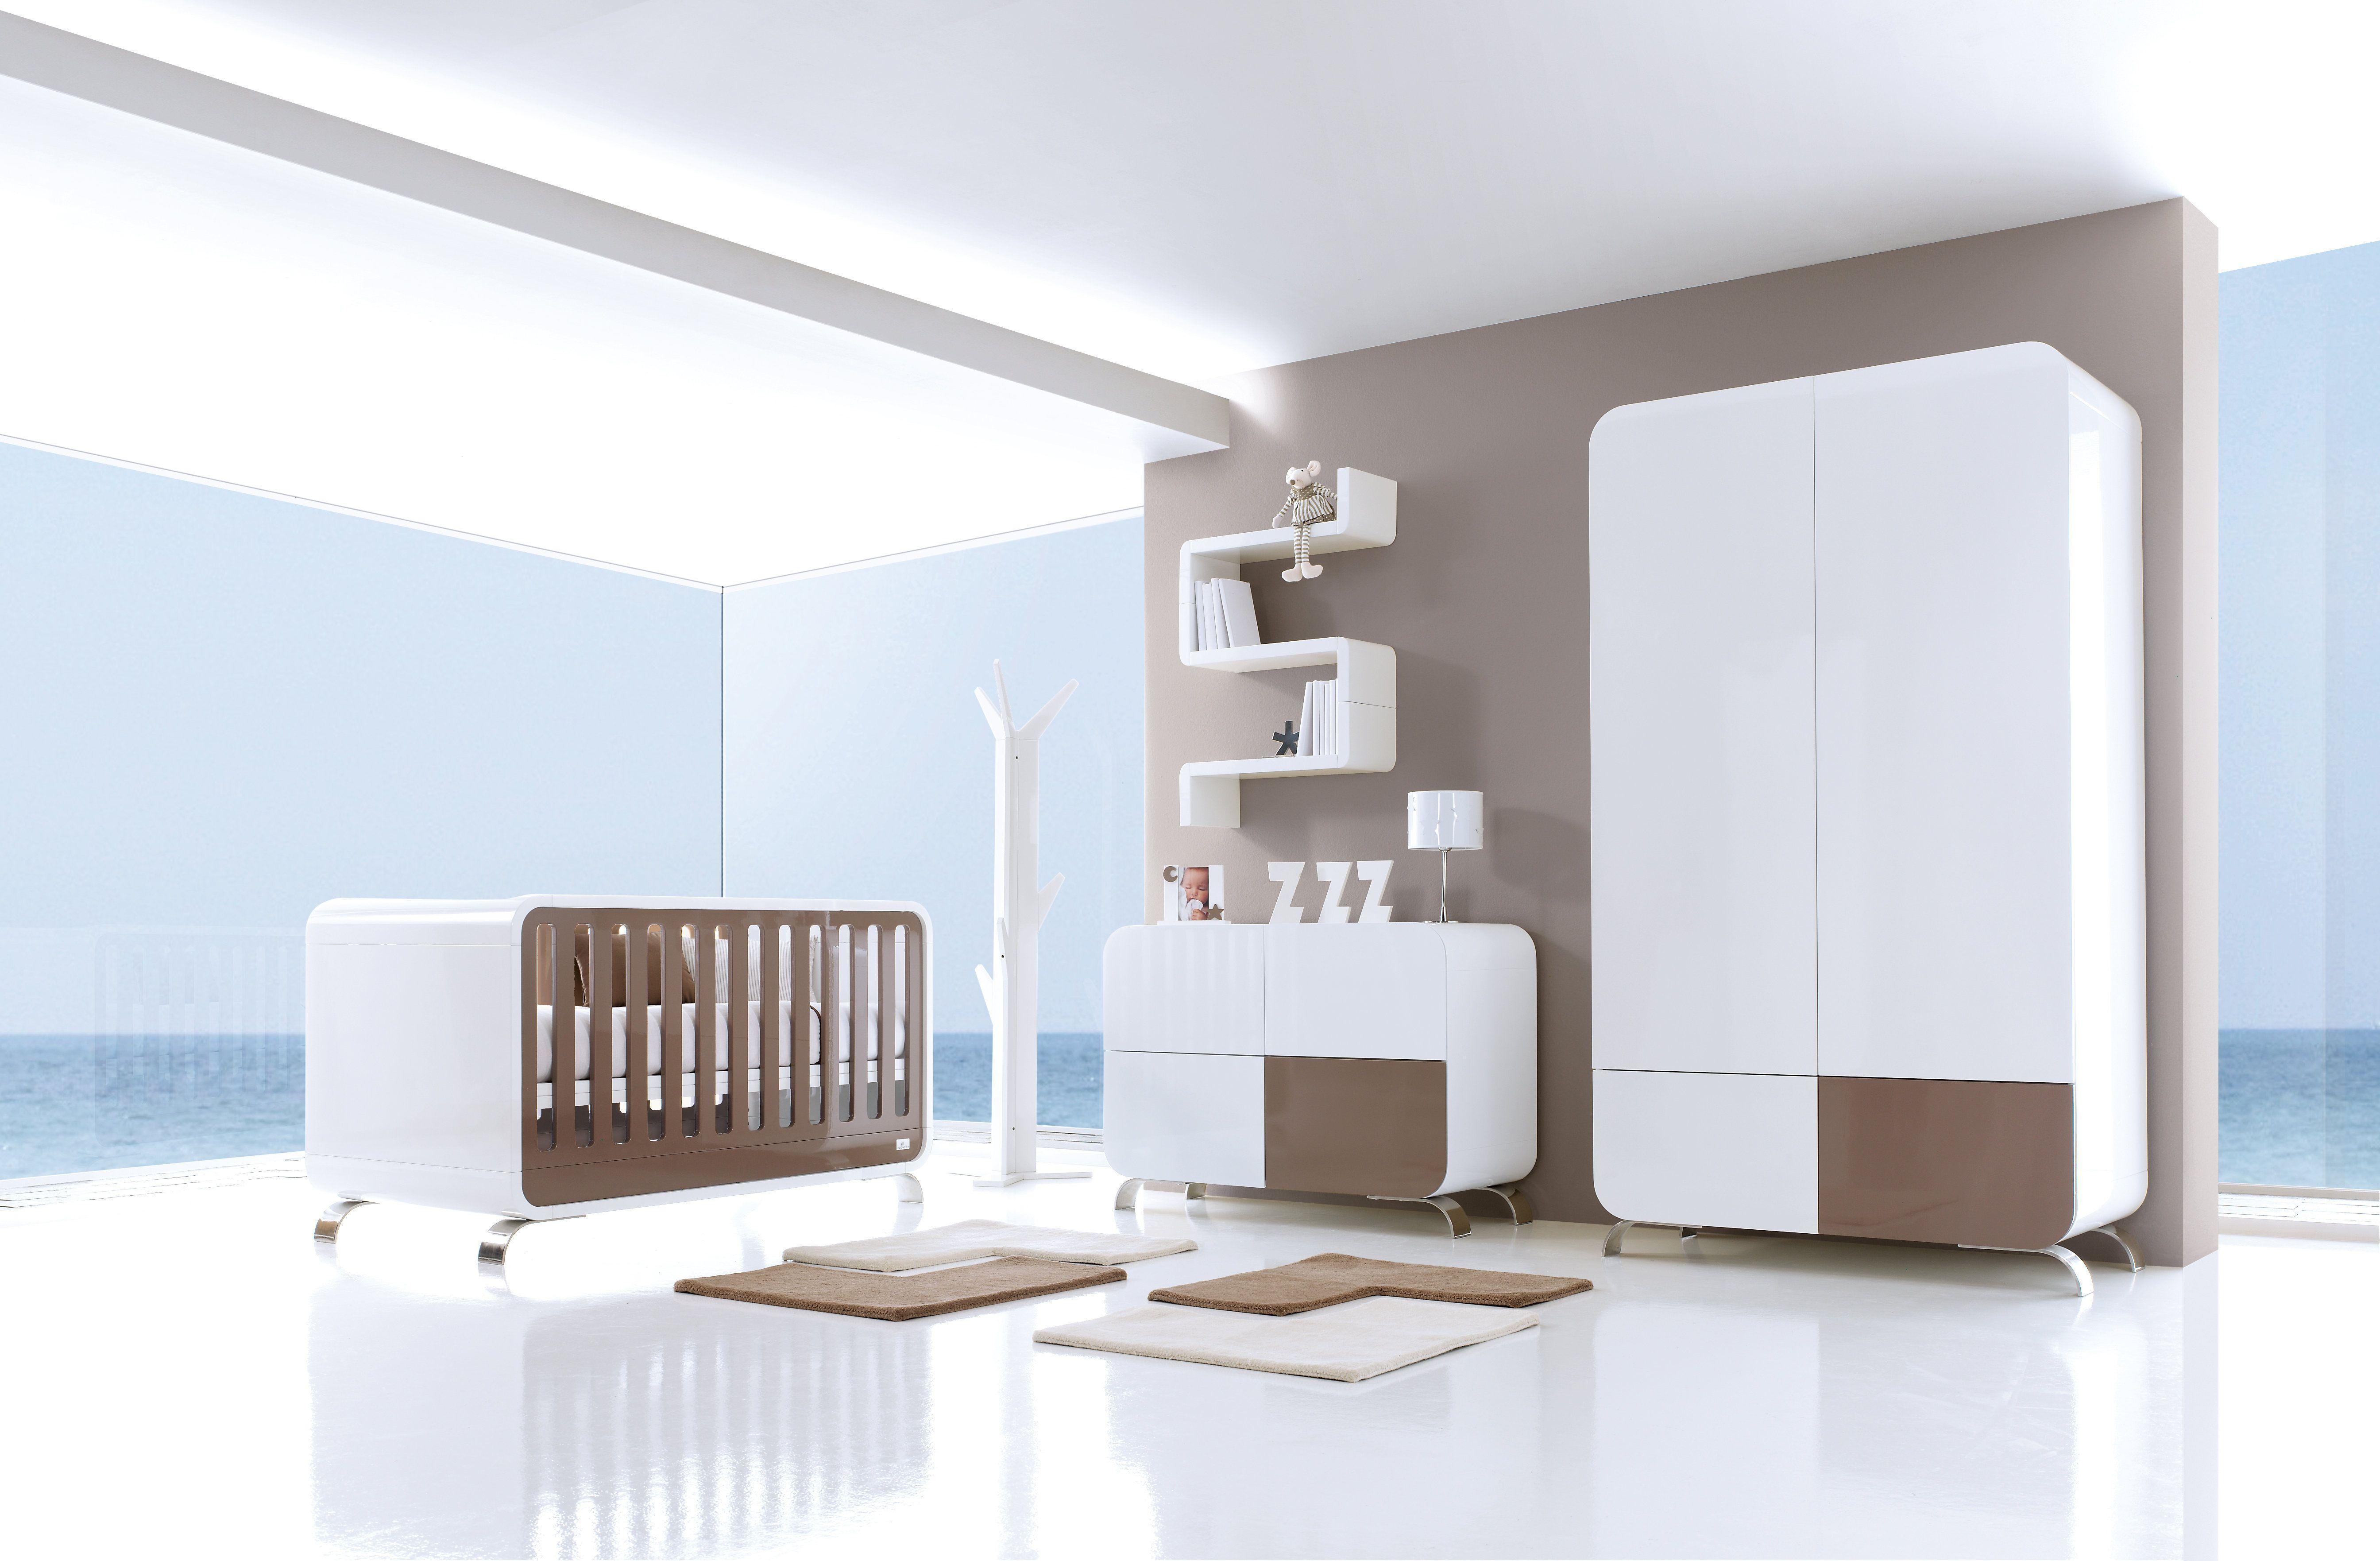 Habitaciones infantiles para beb s modernas y de dise o for Habitaciones infantiles modernas